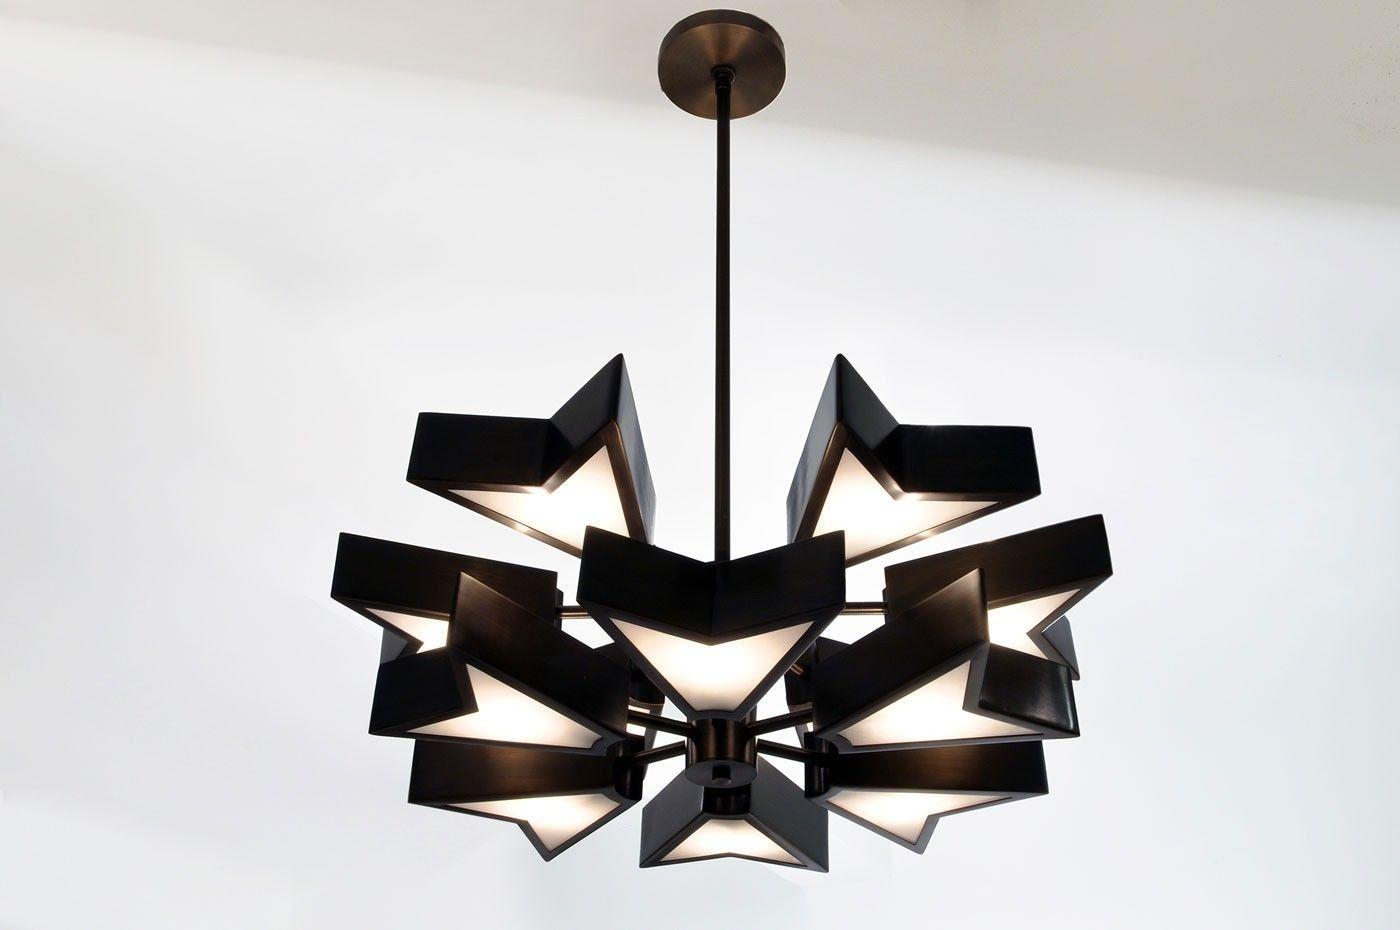 Pendants chandeliers u una malan idi lighting